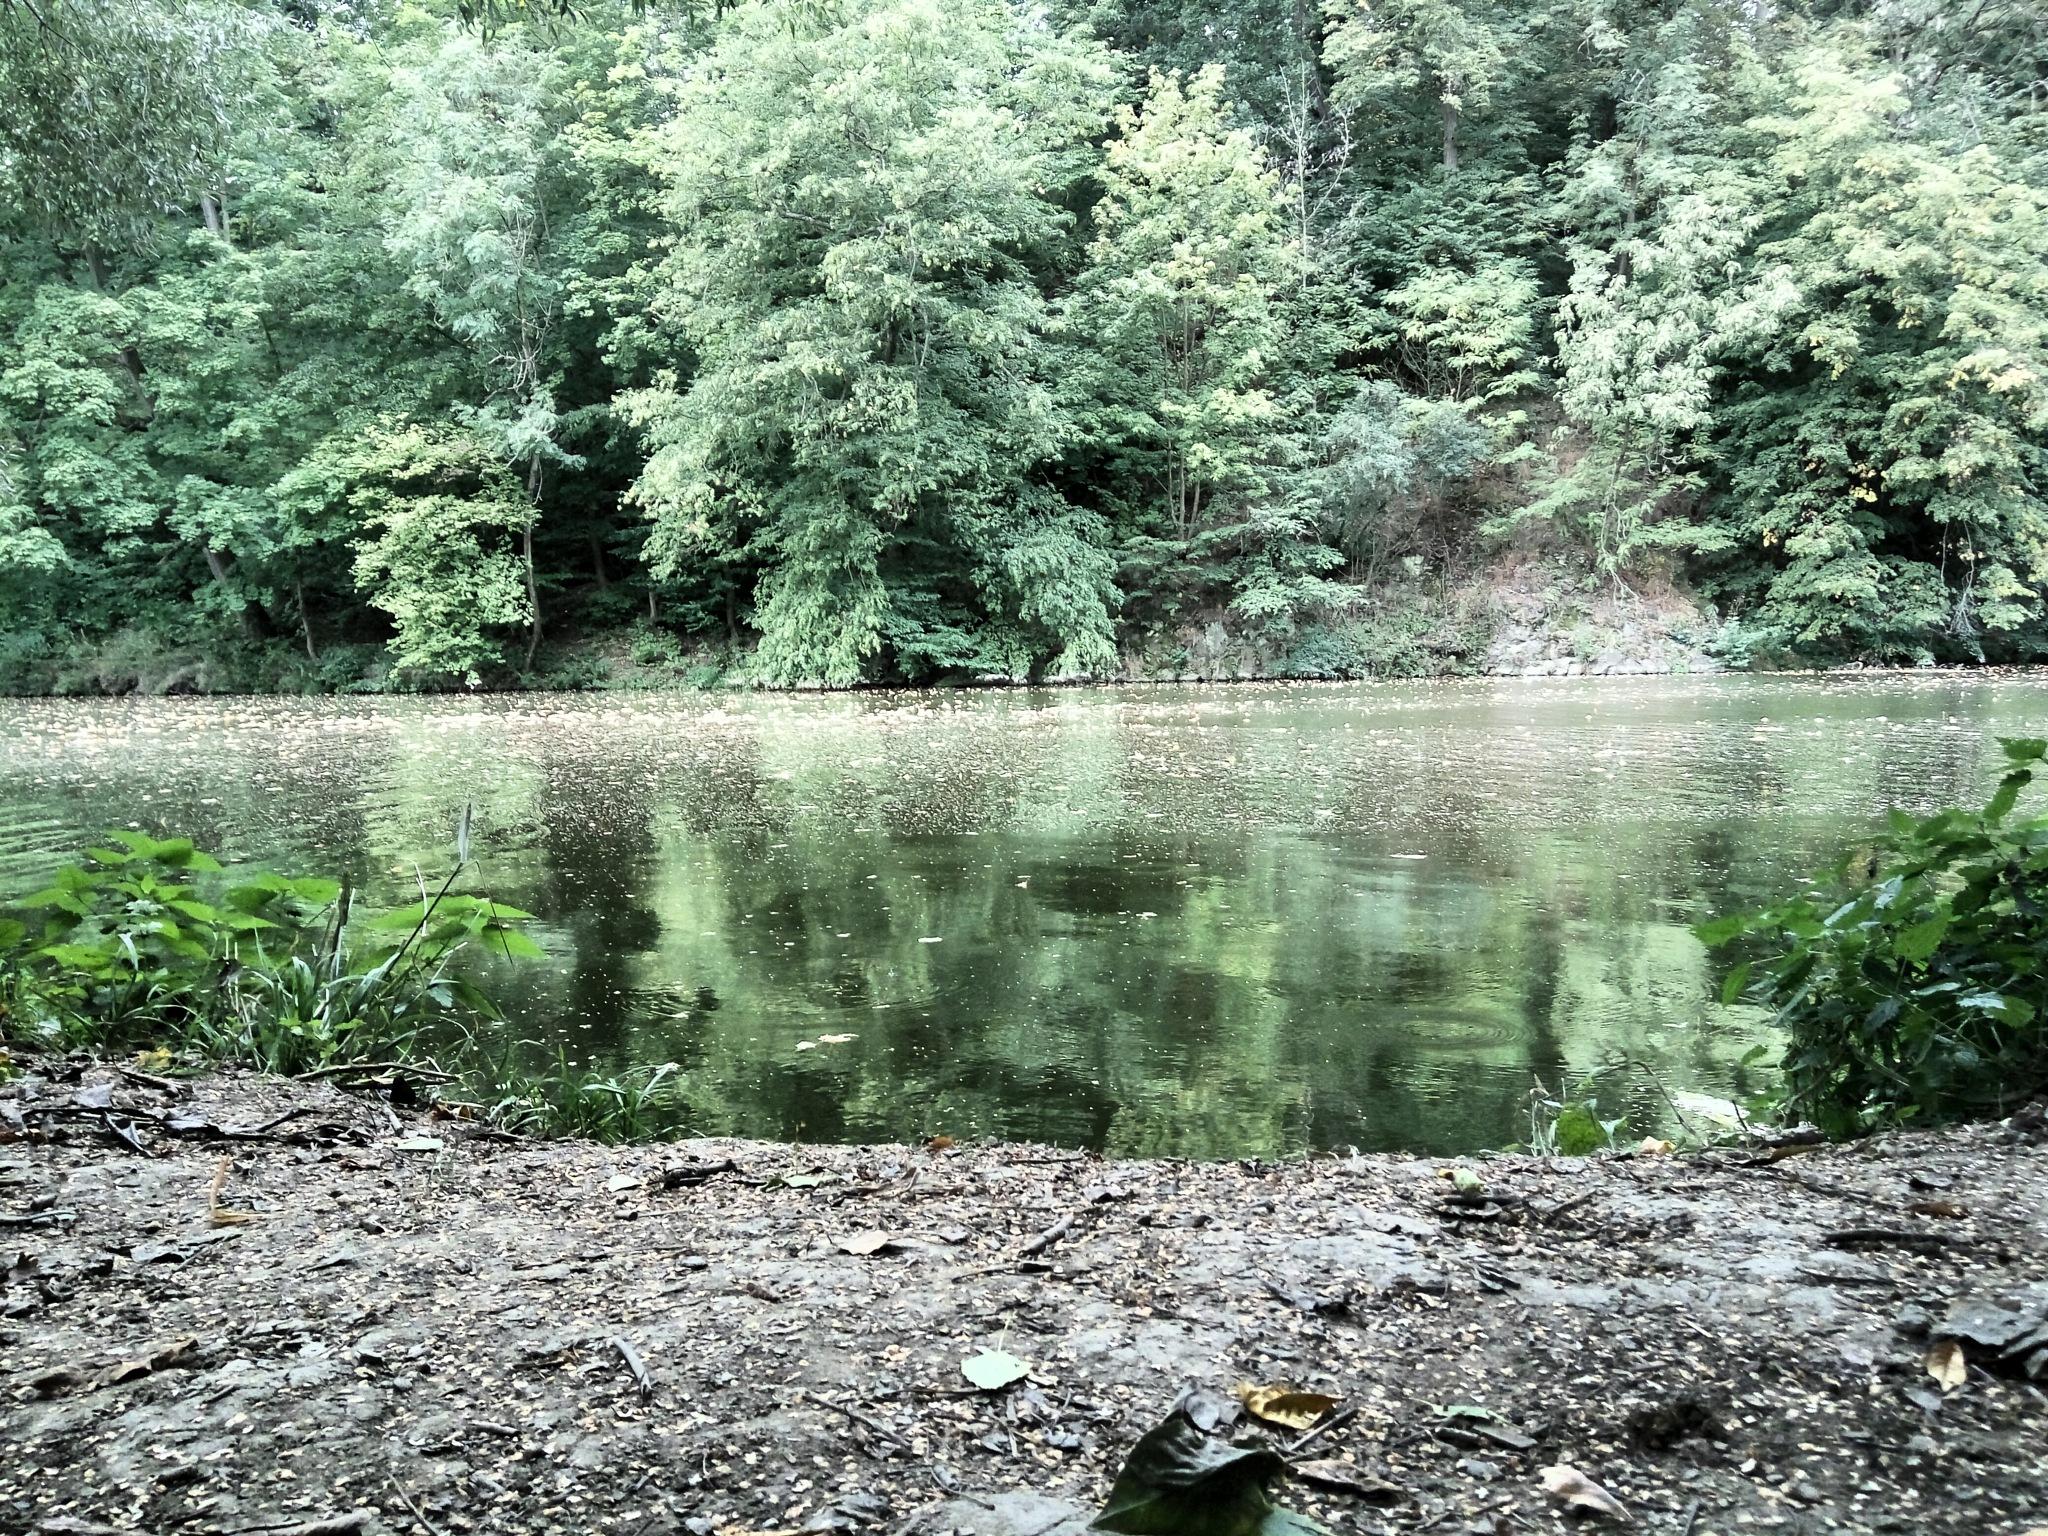 river by davidjanda291